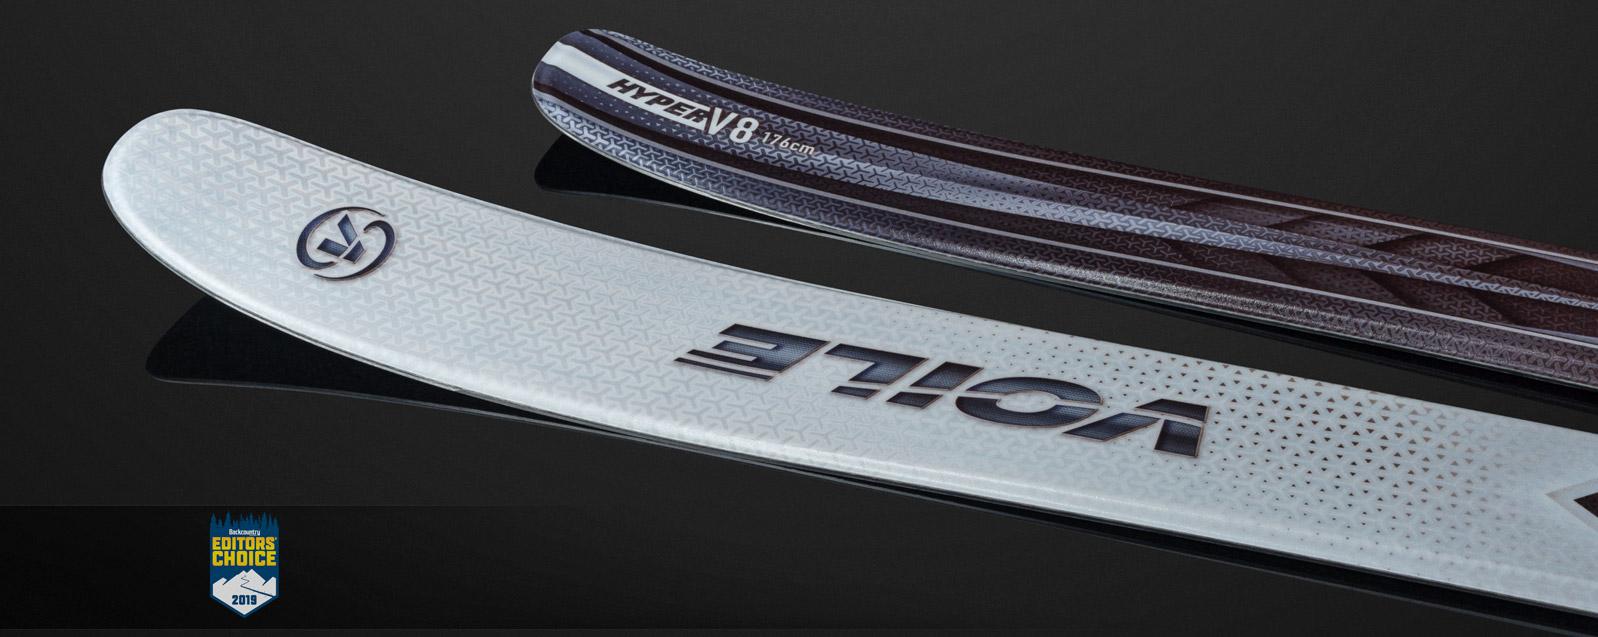 Voile Hyper V8 Skis